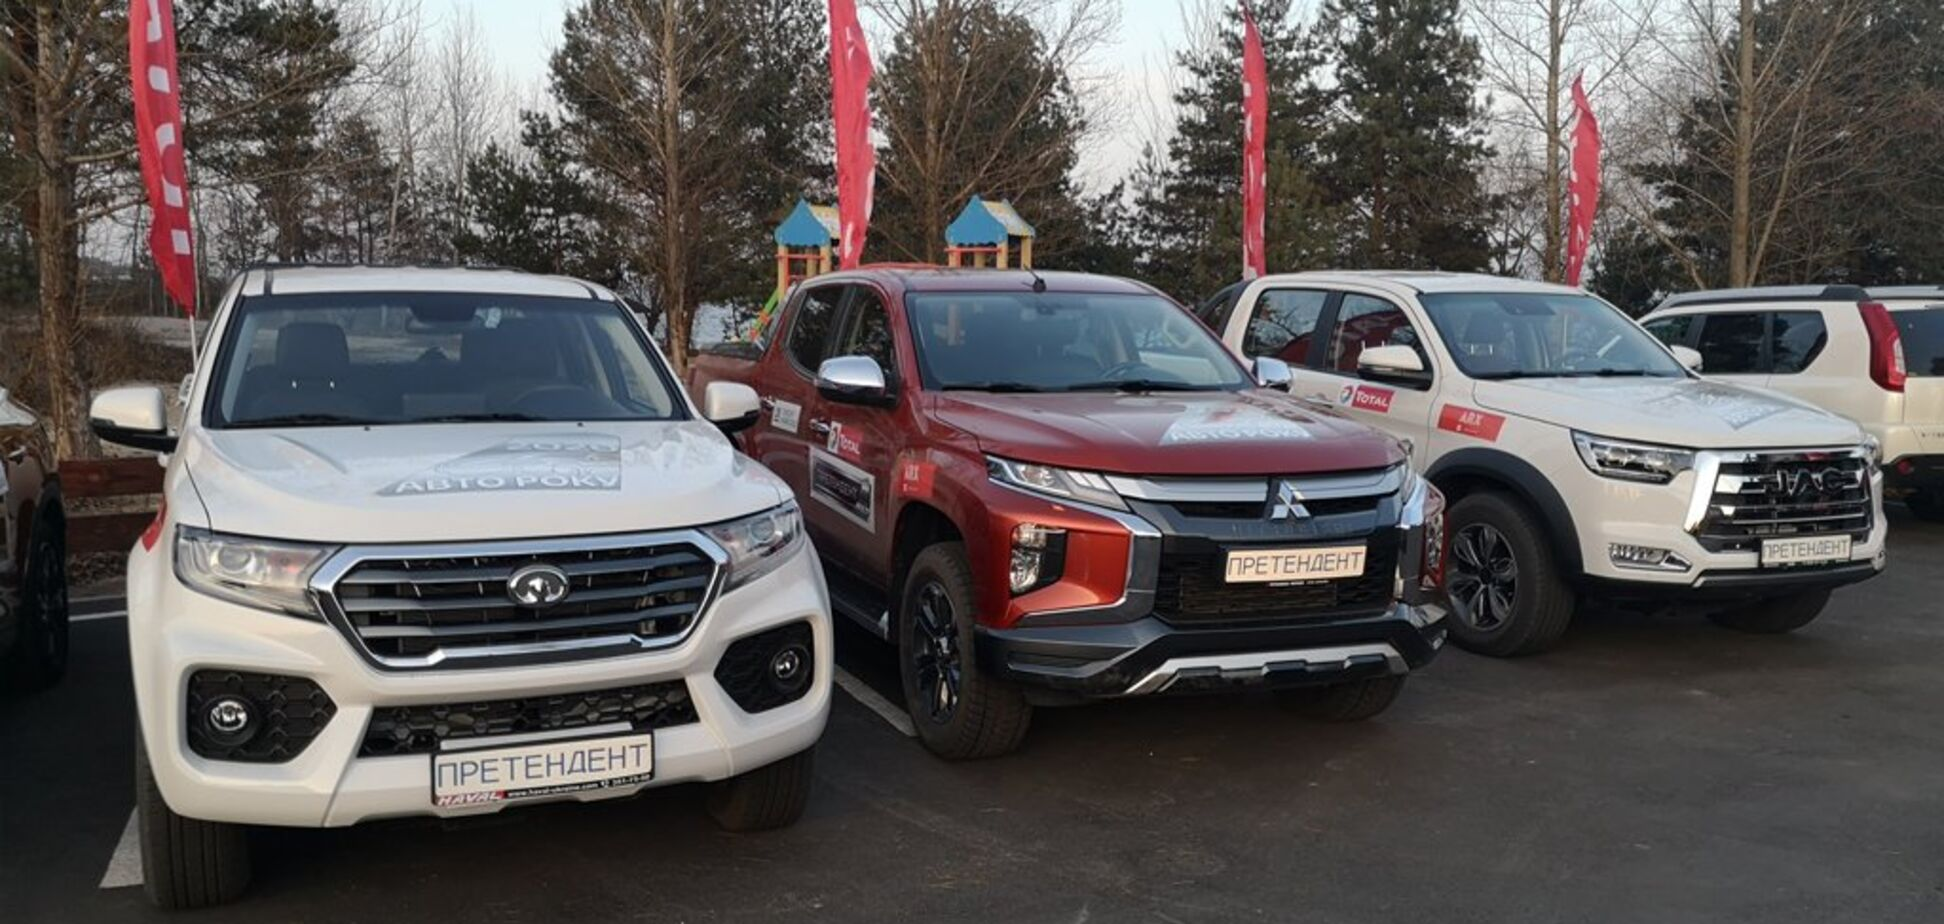 Стартовало голосование за 'Автомобиль года в Украине 2020'